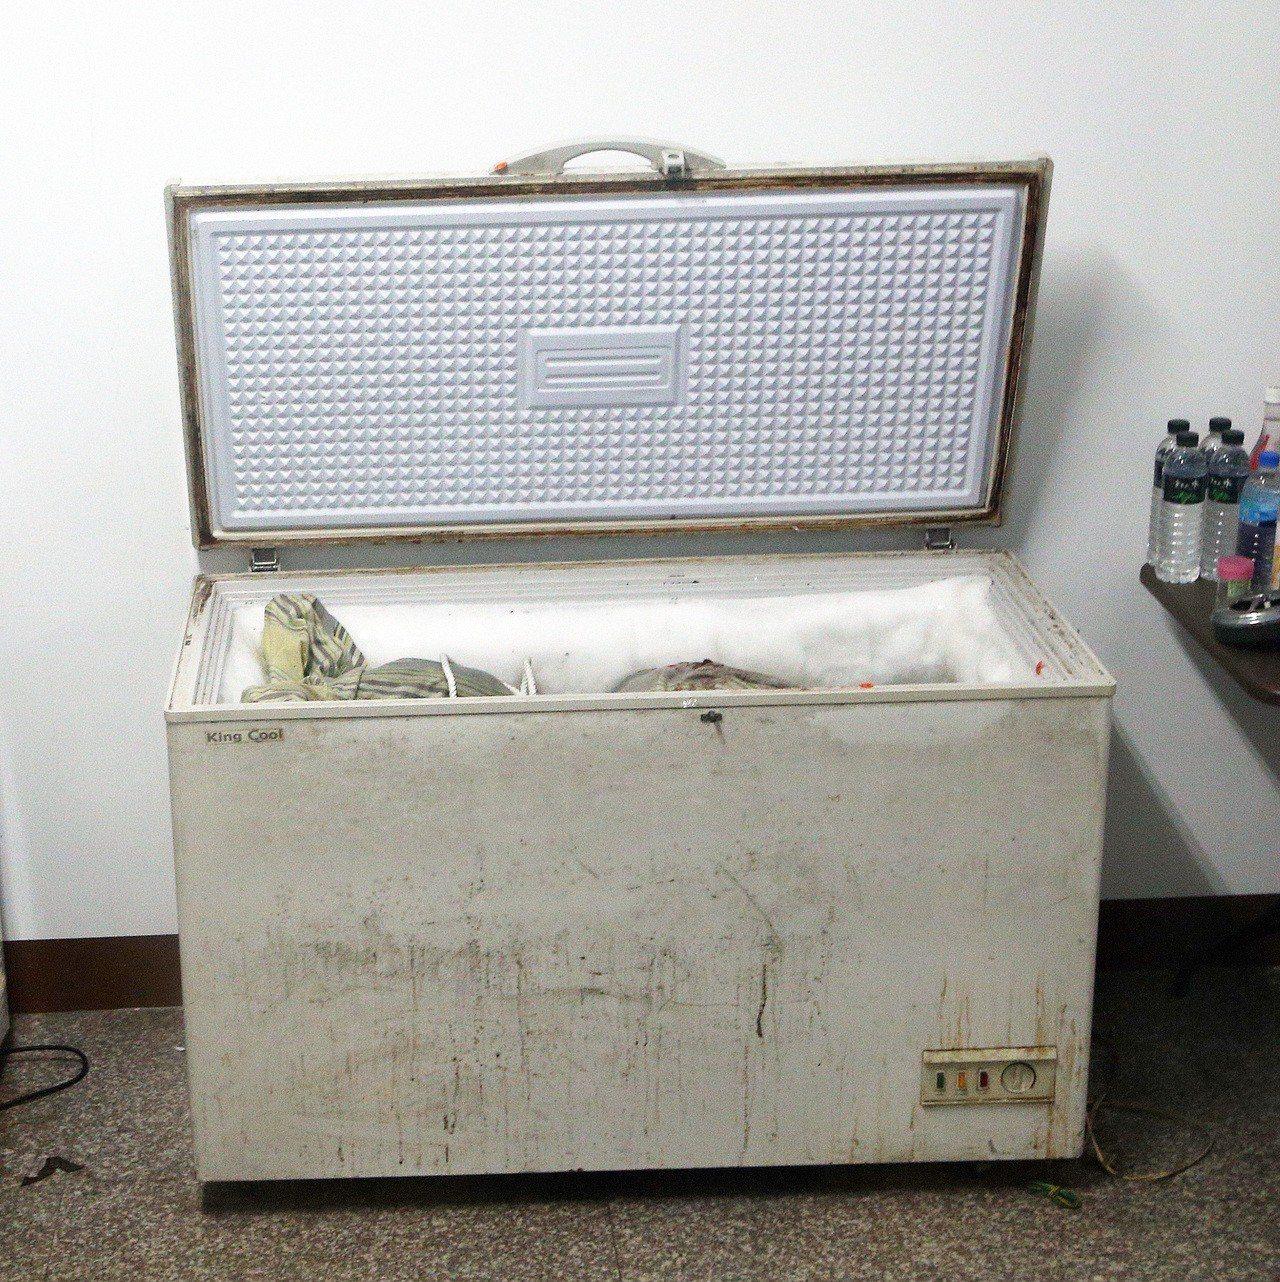 高雄前鎮區發生冷凍庫藏屍命案,現場可見打開的冰箱裡面有棉被包裹物品。記者劉學聖/...